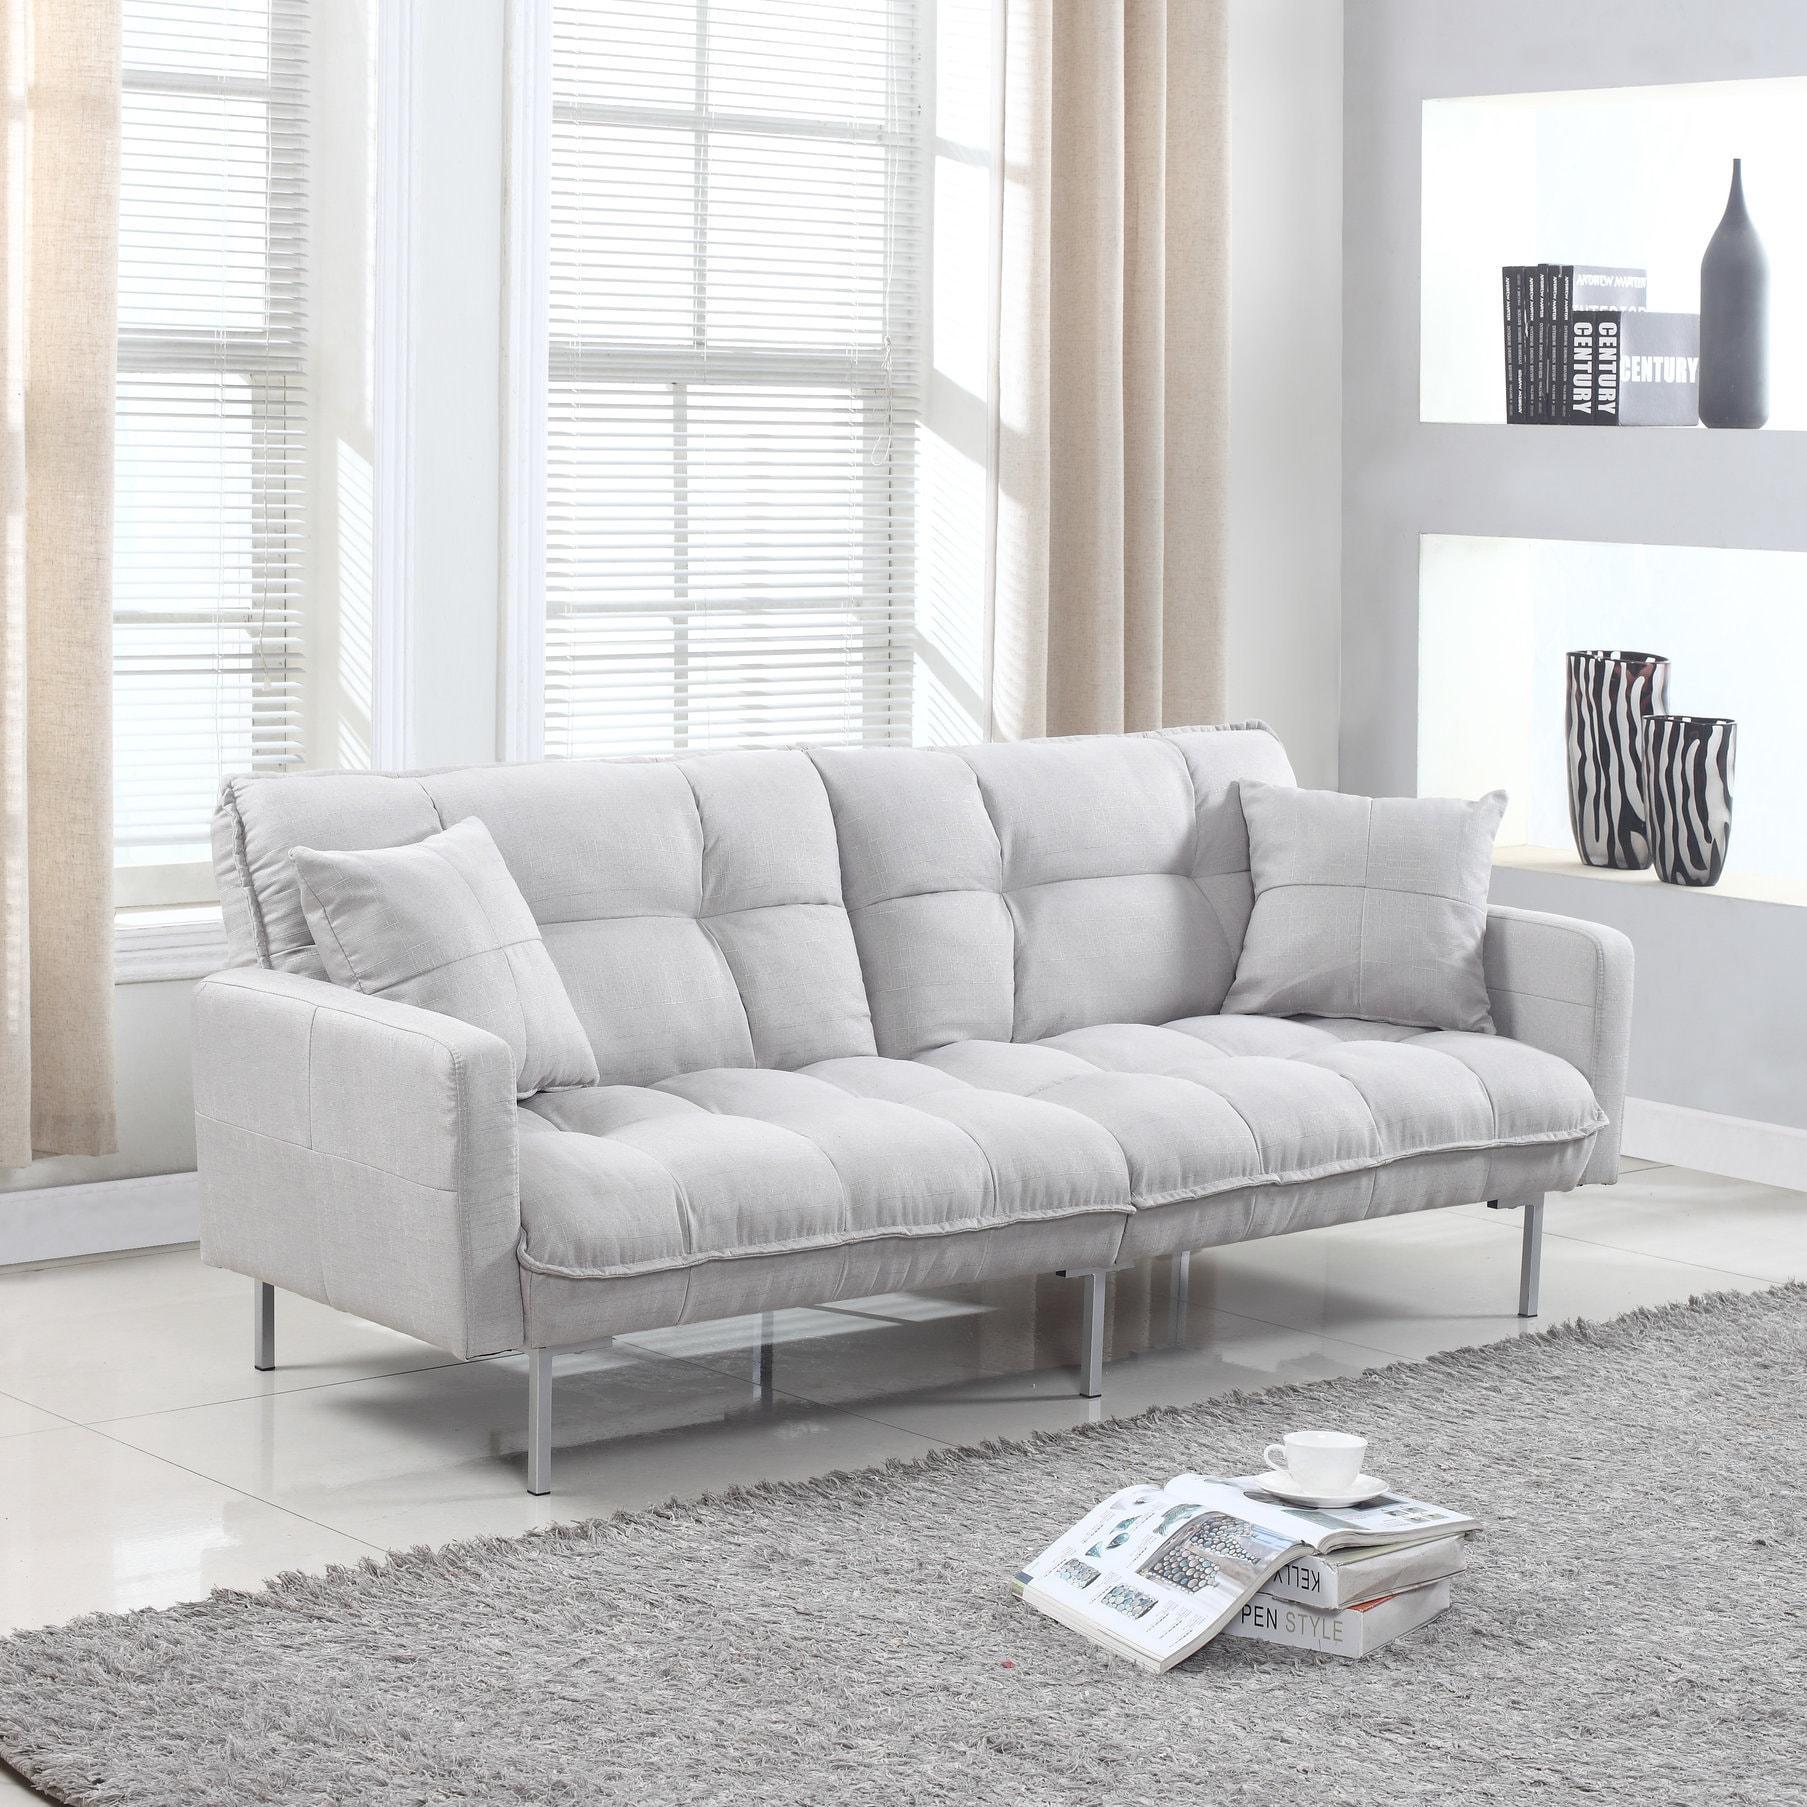 Modern Plush Tufted Linen Fabric Splitback Living Room Sleeper Futon ...